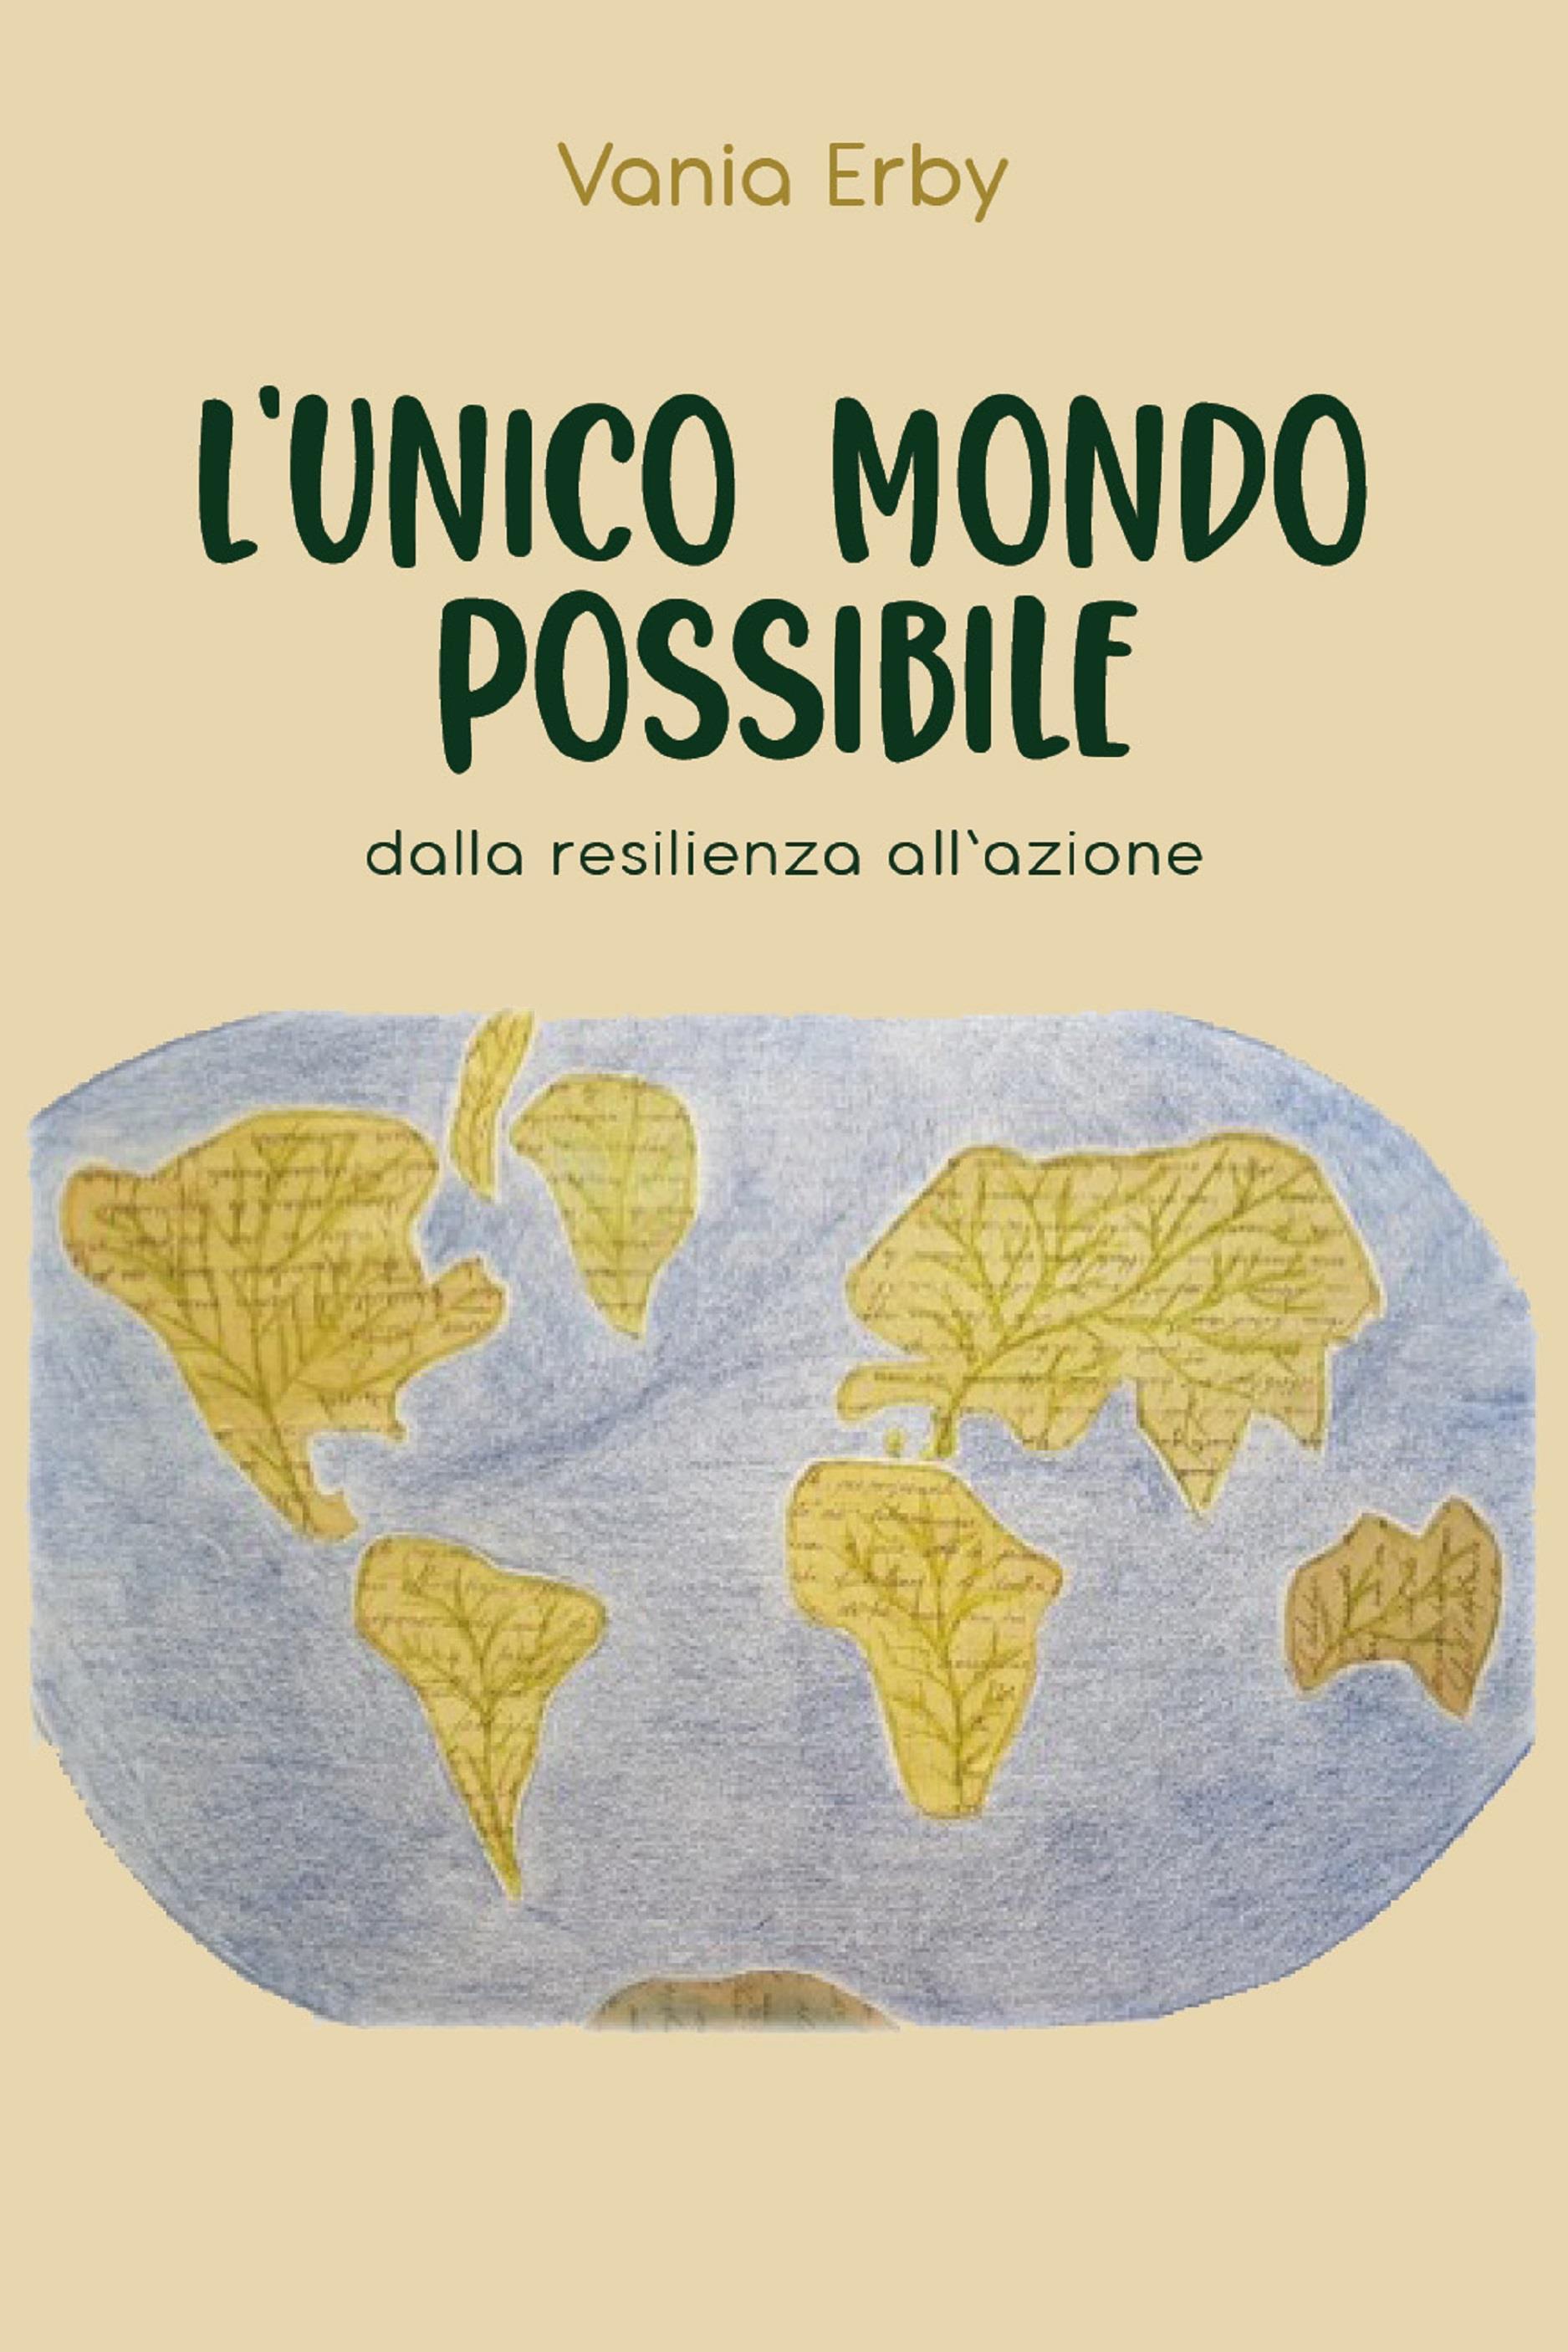 L'Unico mondo possibile. dalla resilienza all'azione